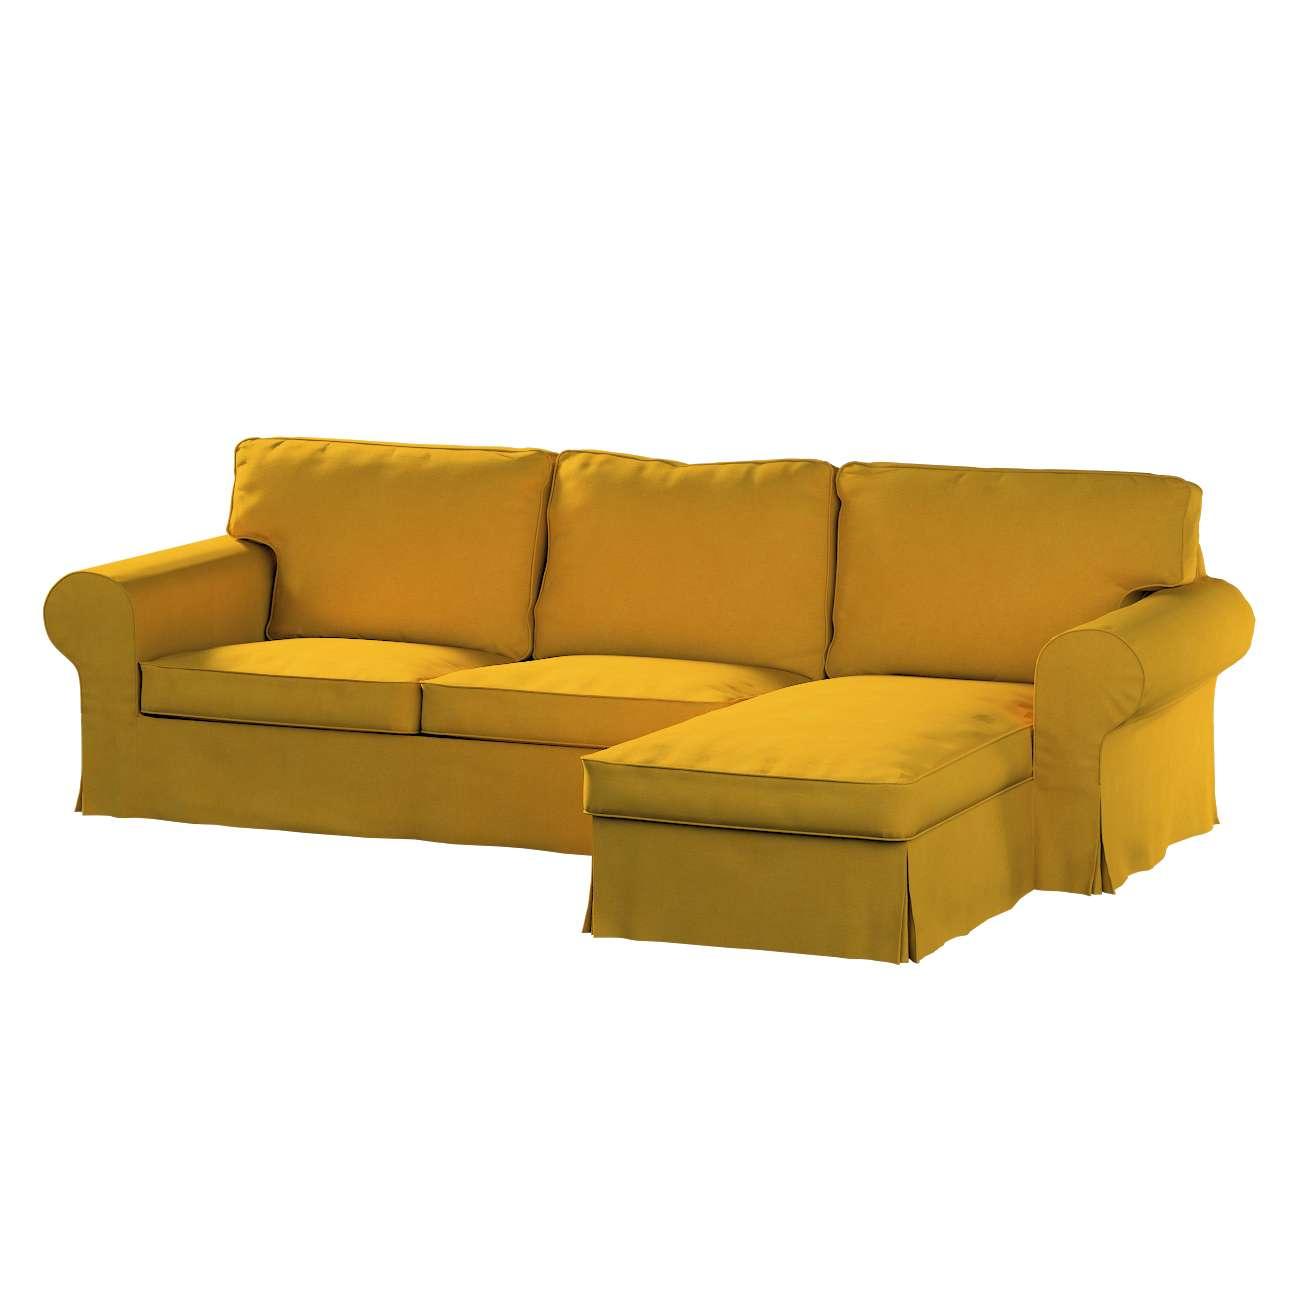 Pokrowiec na sofę Ektorp 2-osobową i leżankę sofa ektorp 2-os. i leżanka w kolekcji Etna , tkanina: 705-04